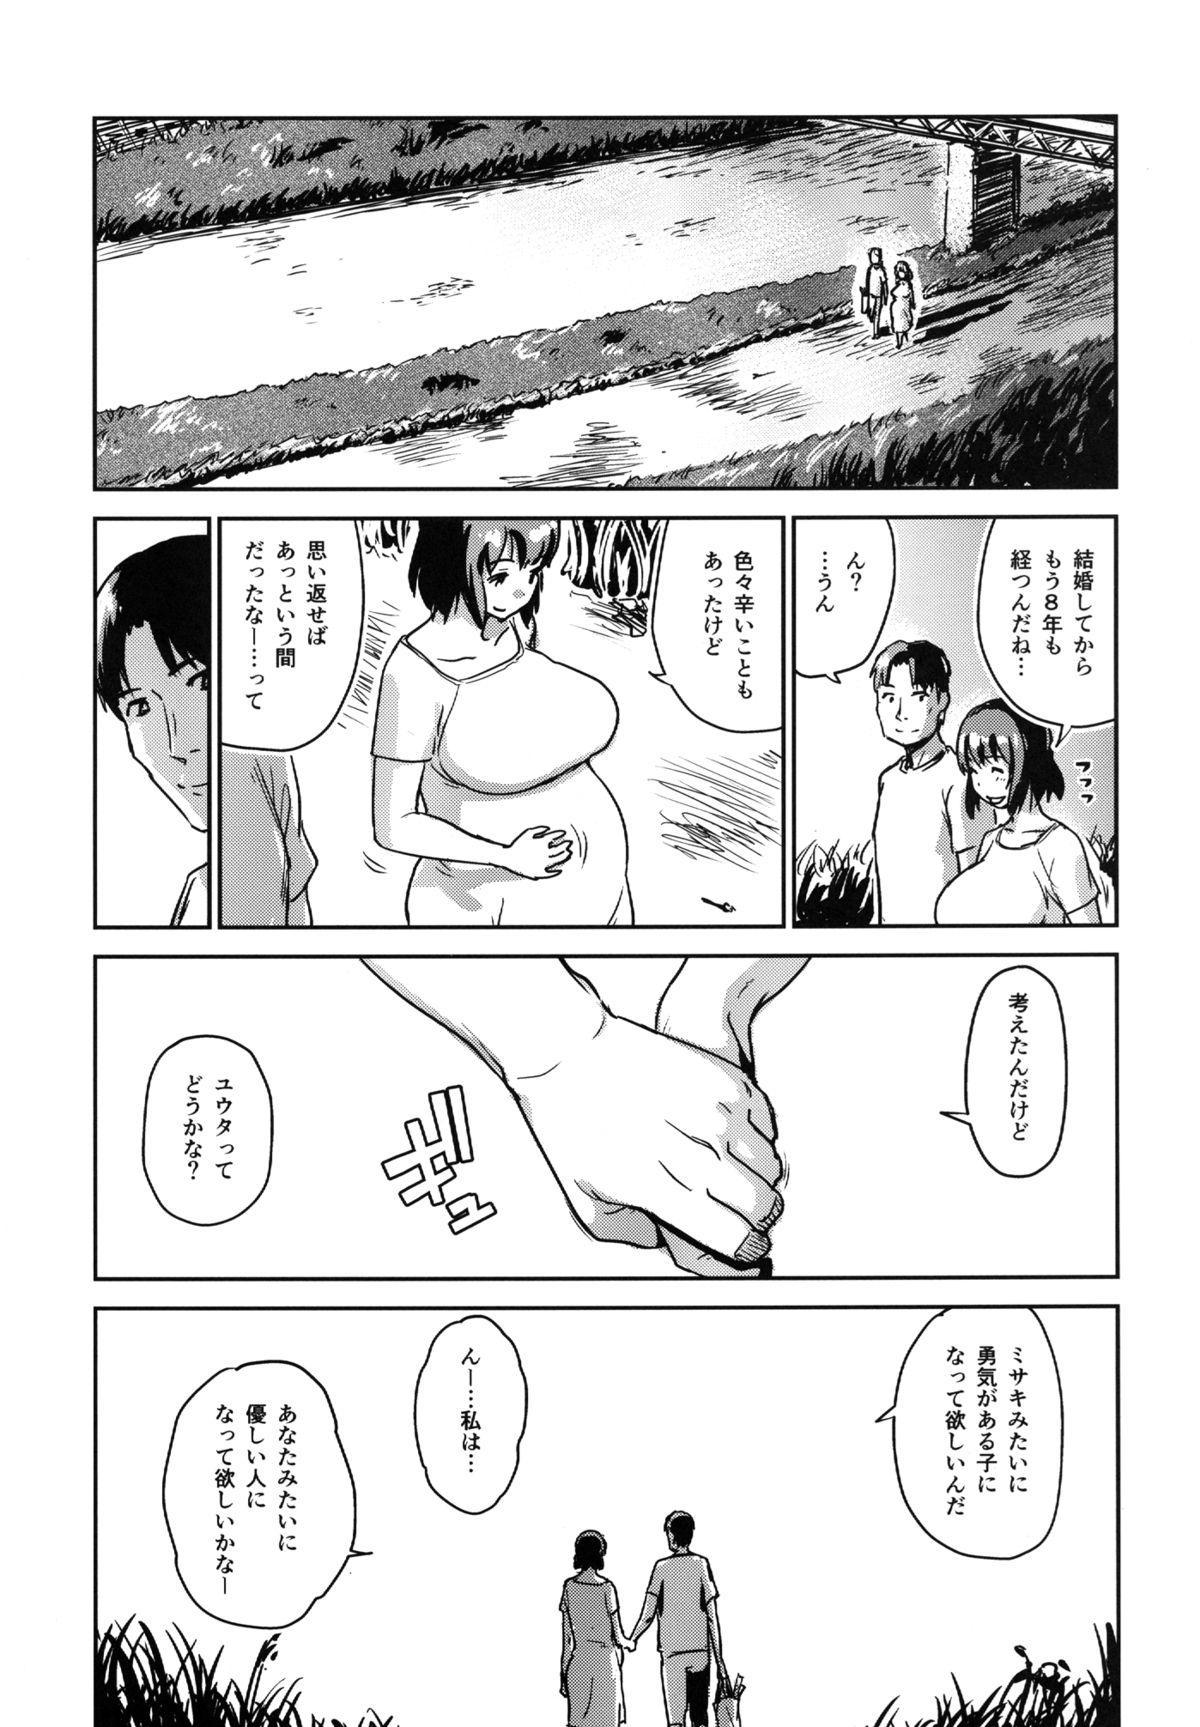 Hitozuma Kari - Kousoku Zecchou Sundome Game Nanbyou no Wagako no Chiryouhi no Tame Sono Mi wo Sashidasu Tsuma 47